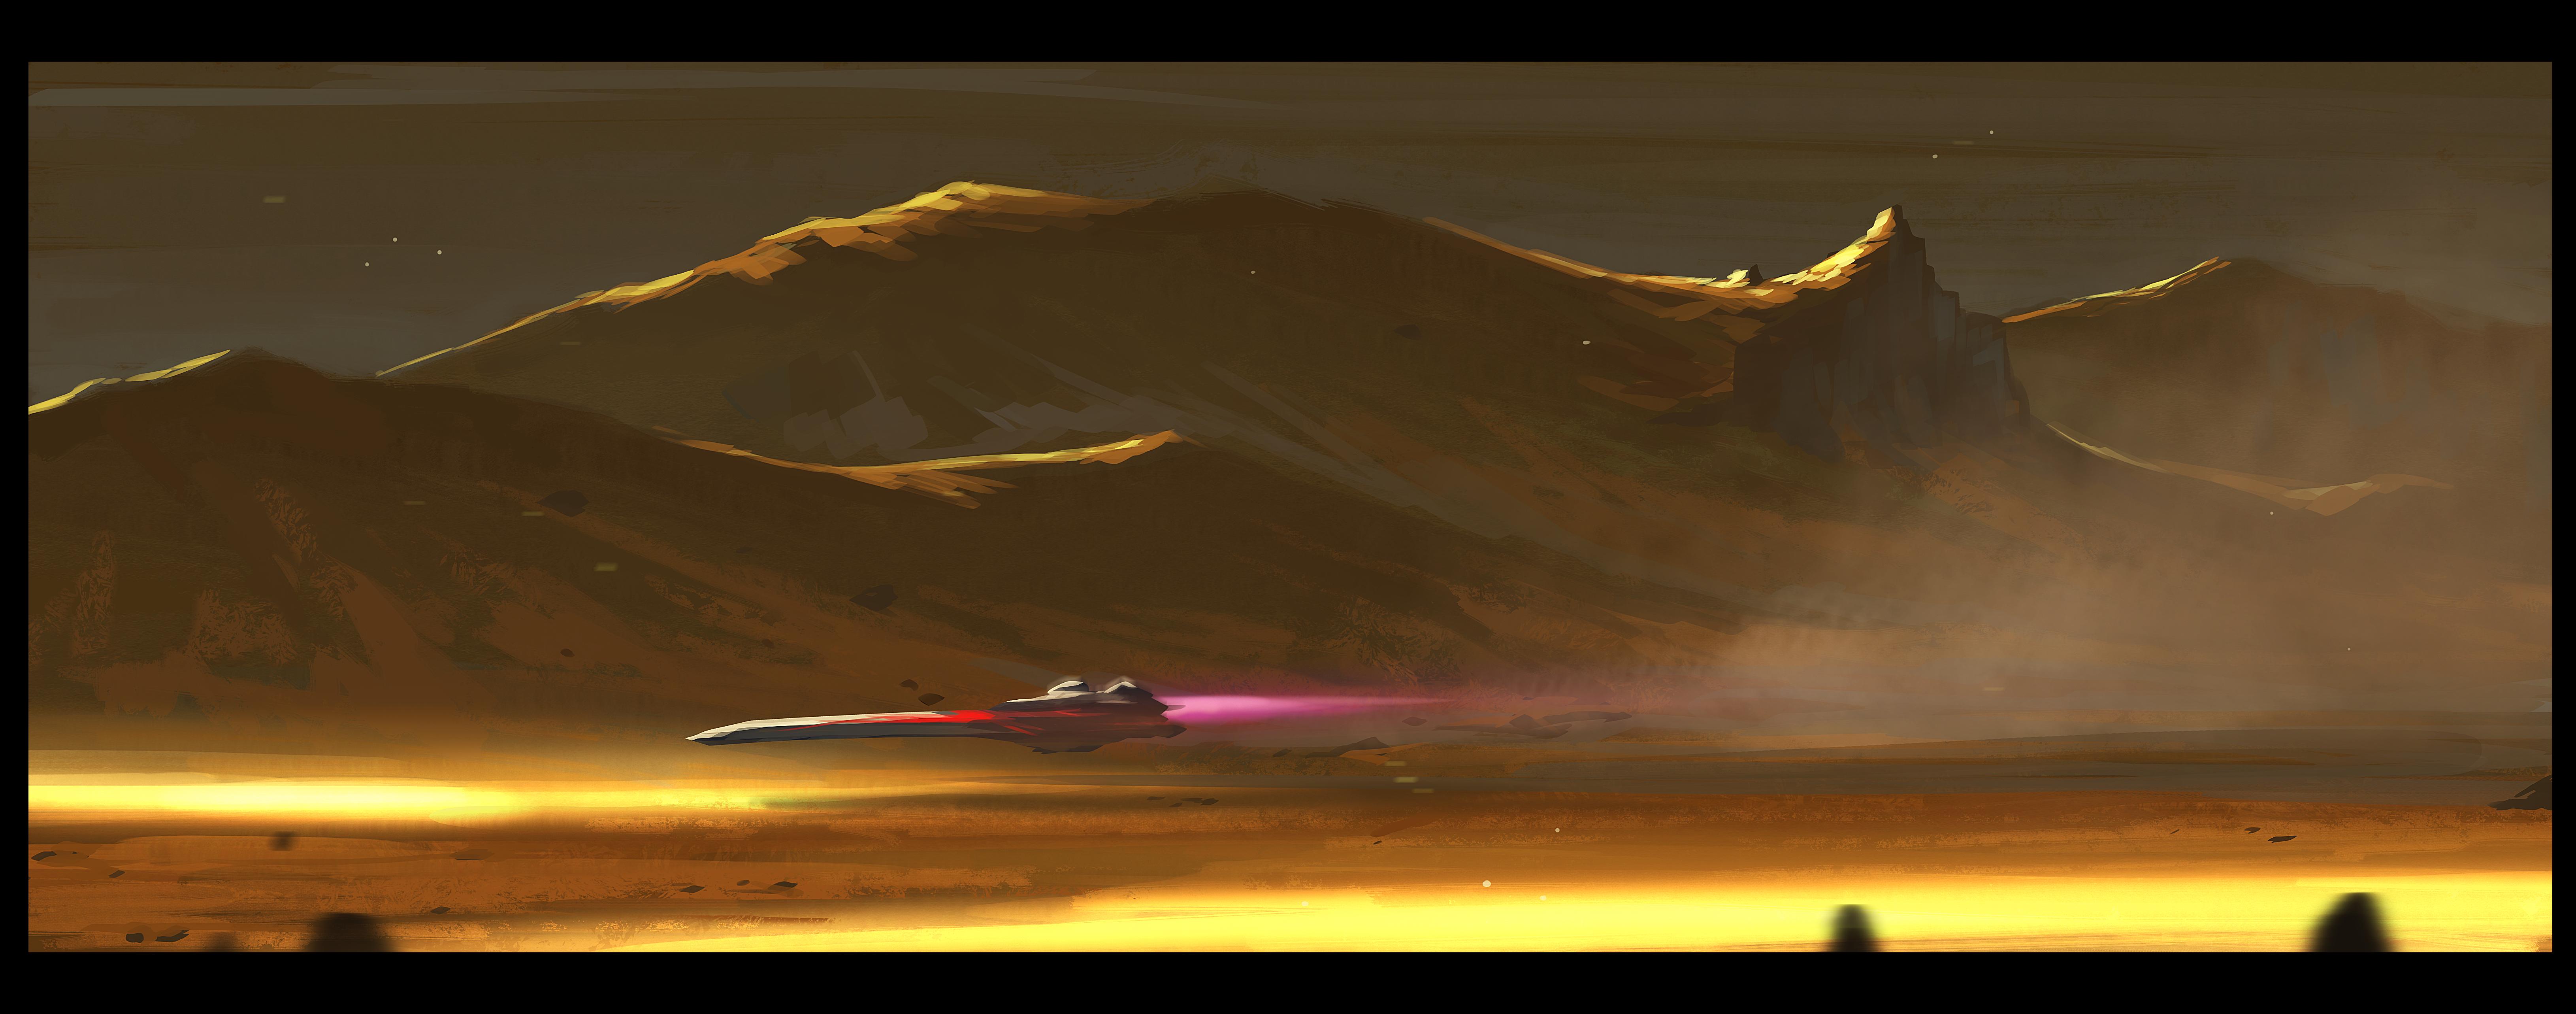 Mars racer